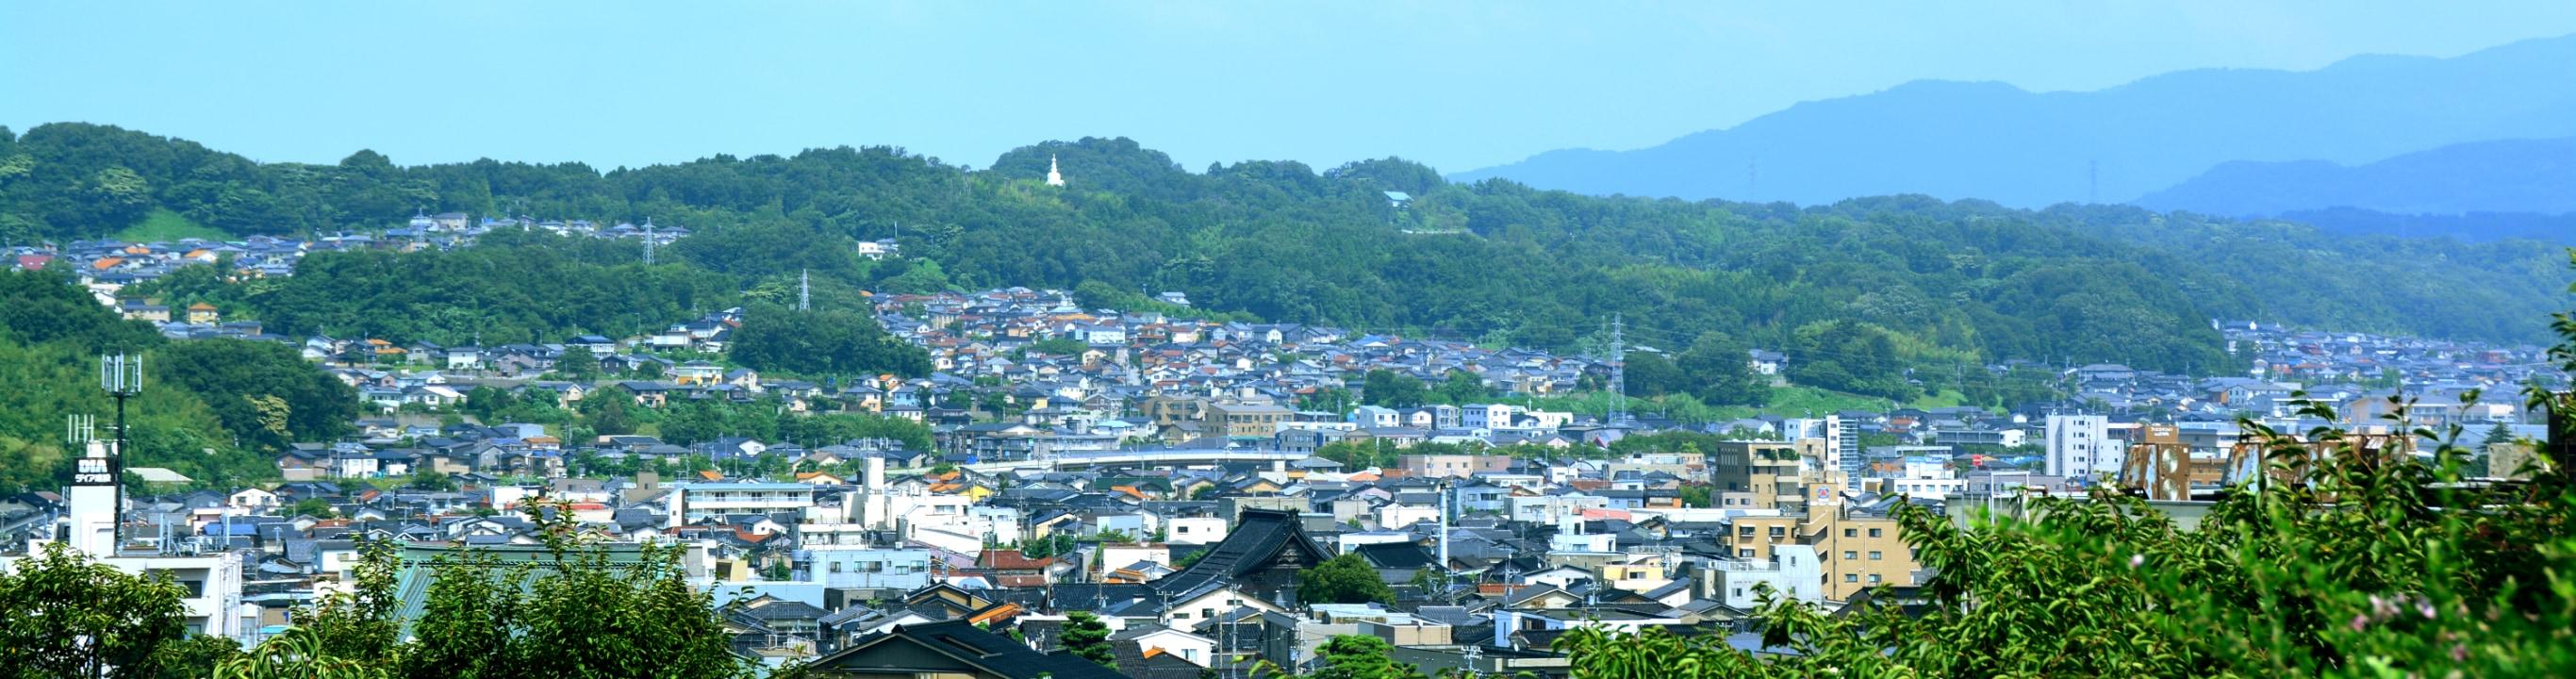 石川の転職フェア